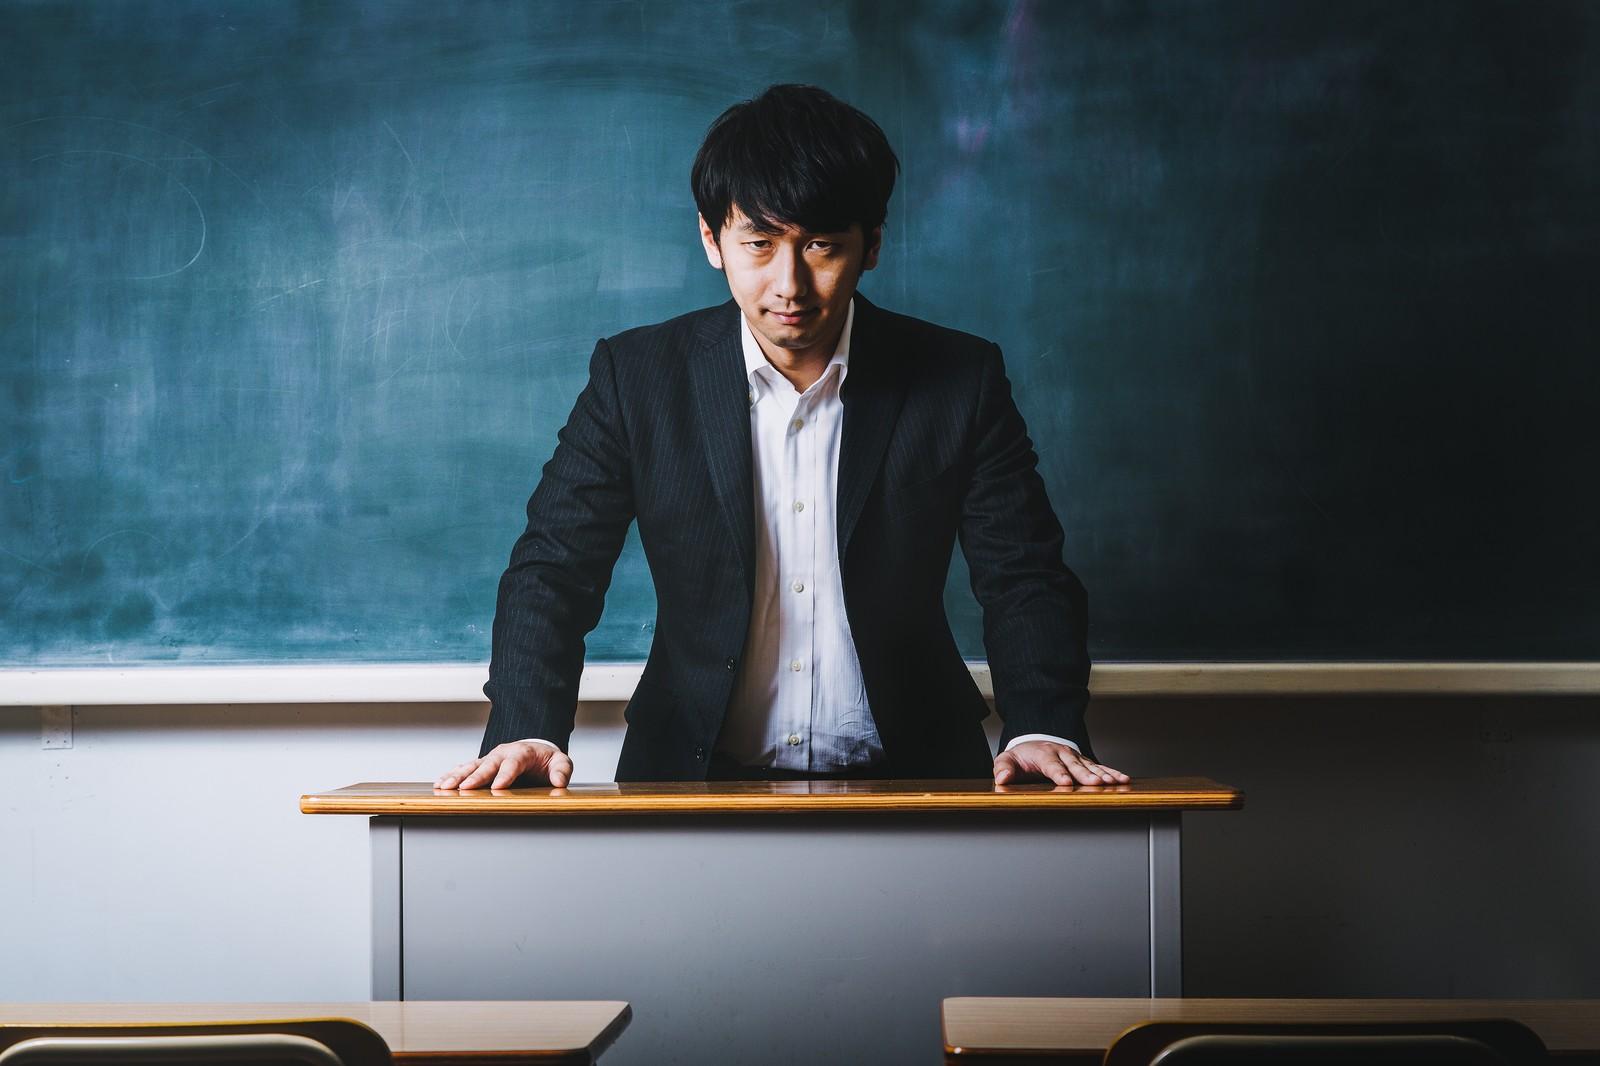 金 八 先生 第 8 シリーズ あらすじ